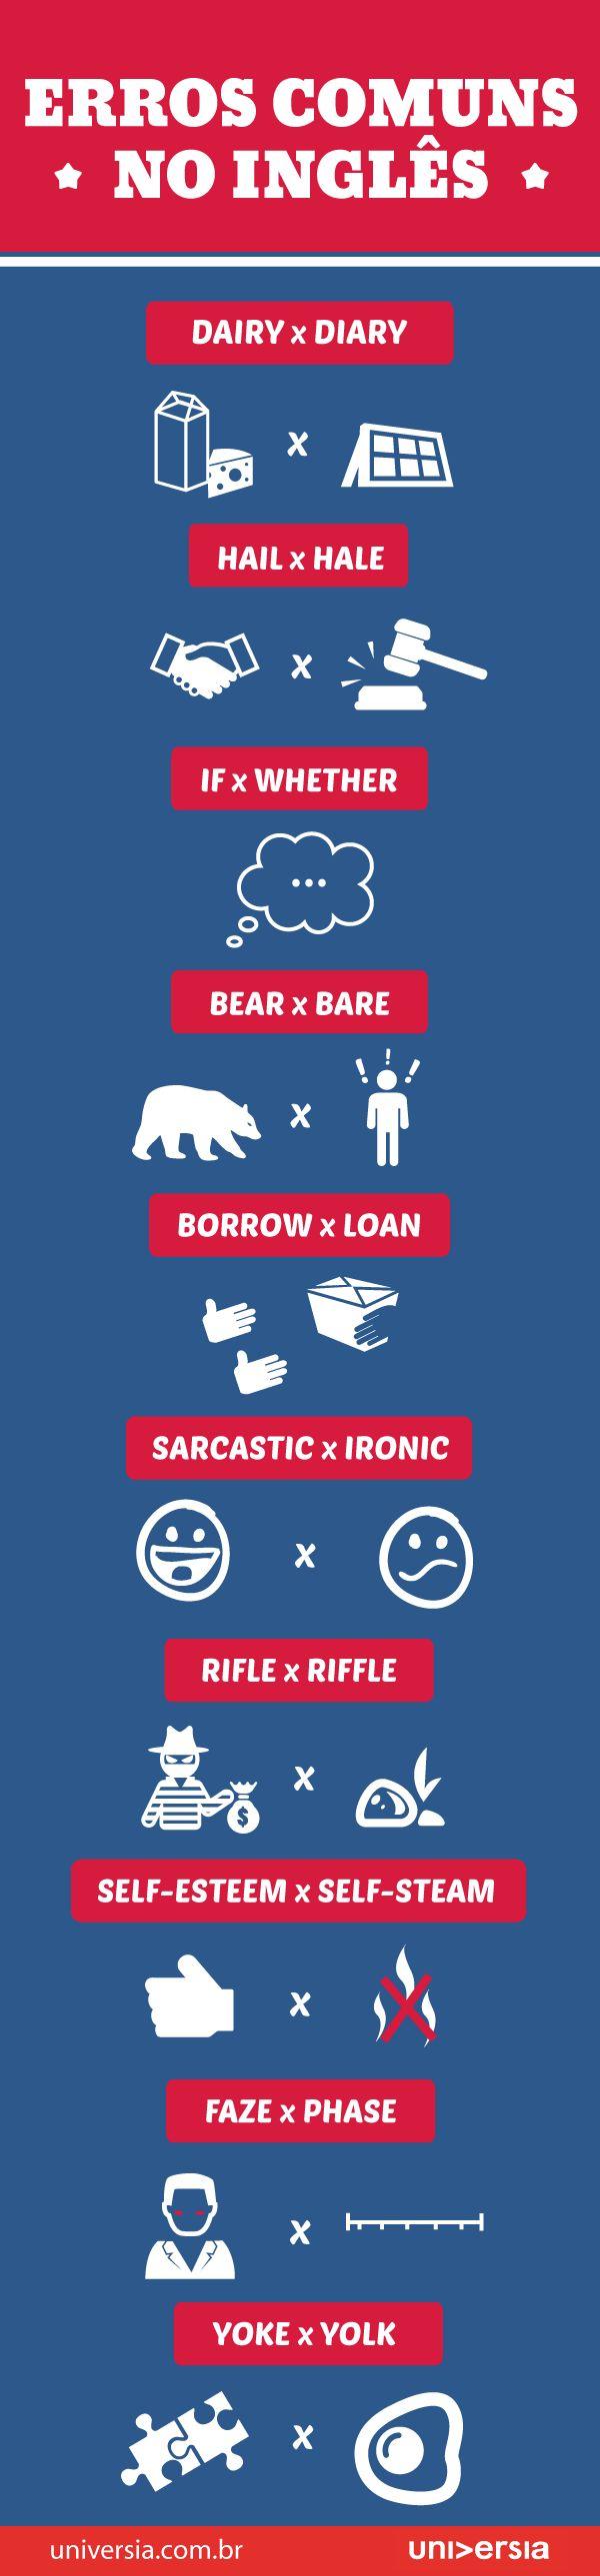 Série: os erros comuns em inglês - Parte I